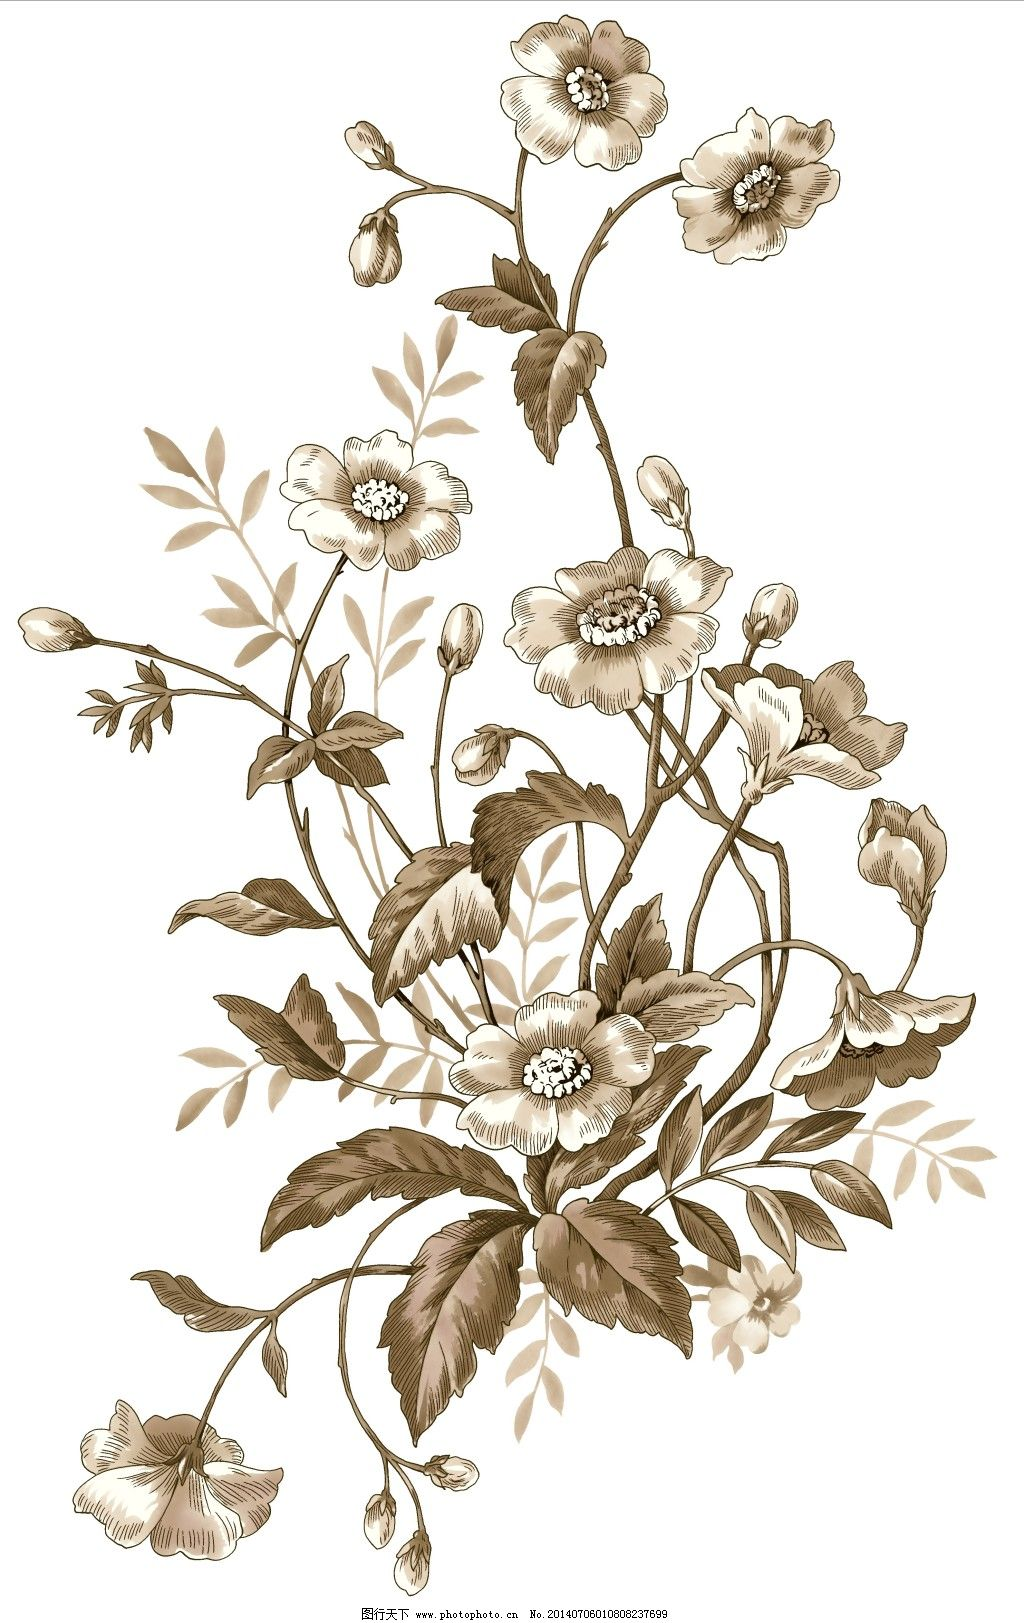 手绘素材 手绘图 花朵